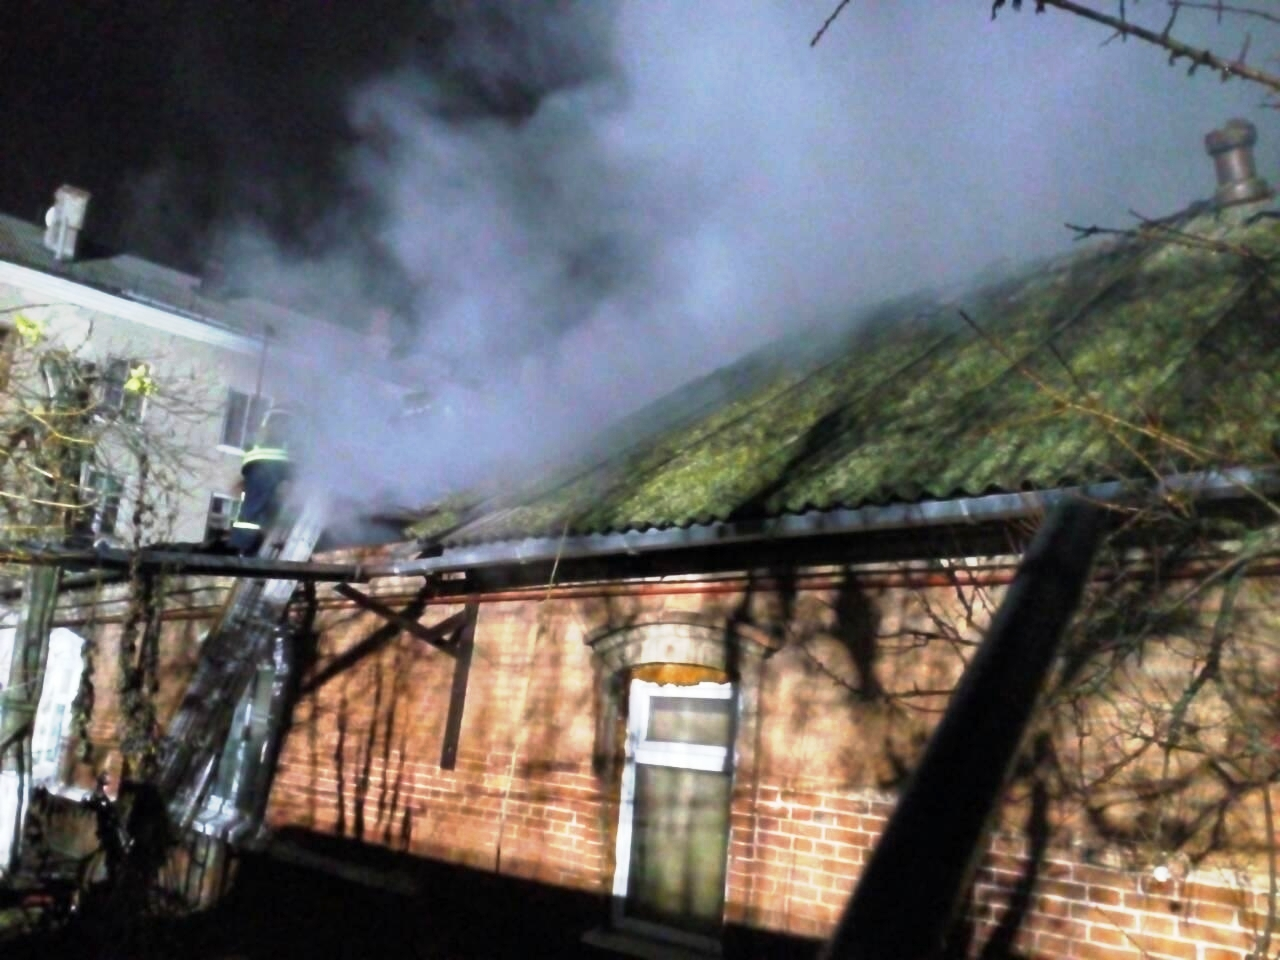 ВЗапорожской области пожарные спасли мужчину от ужасной погибели